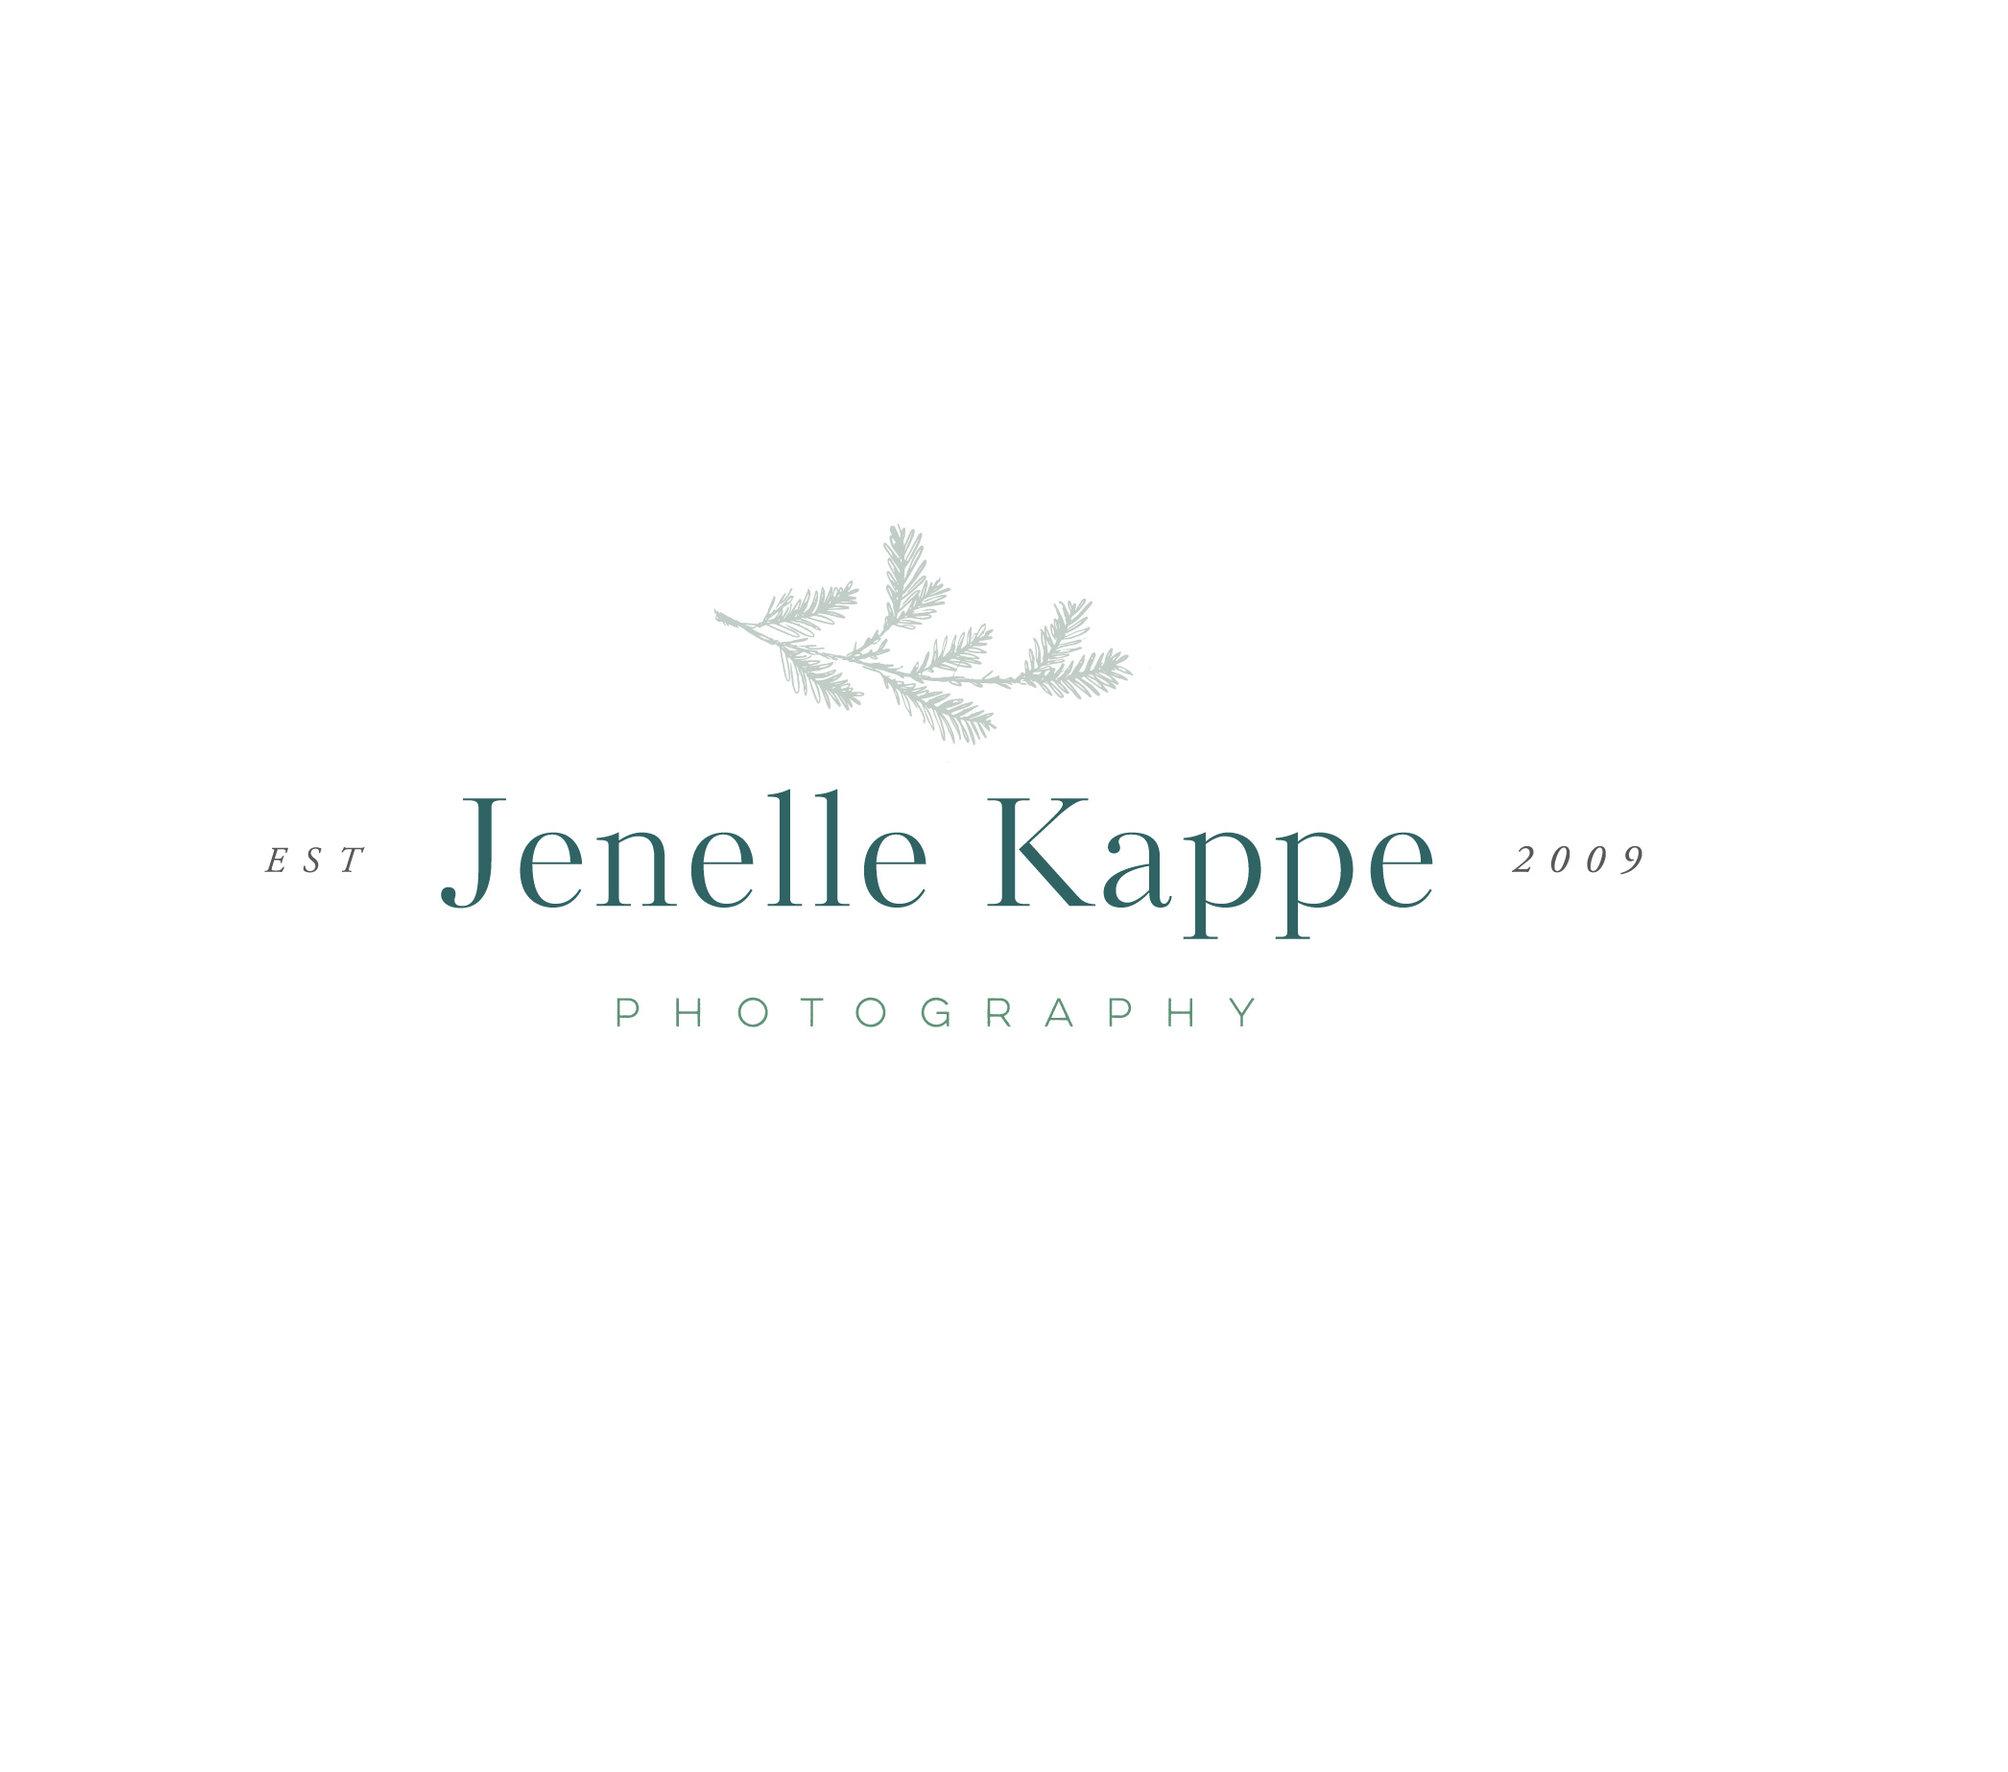 Jenelle Kappe Photography - Jenelle Kappe Photography